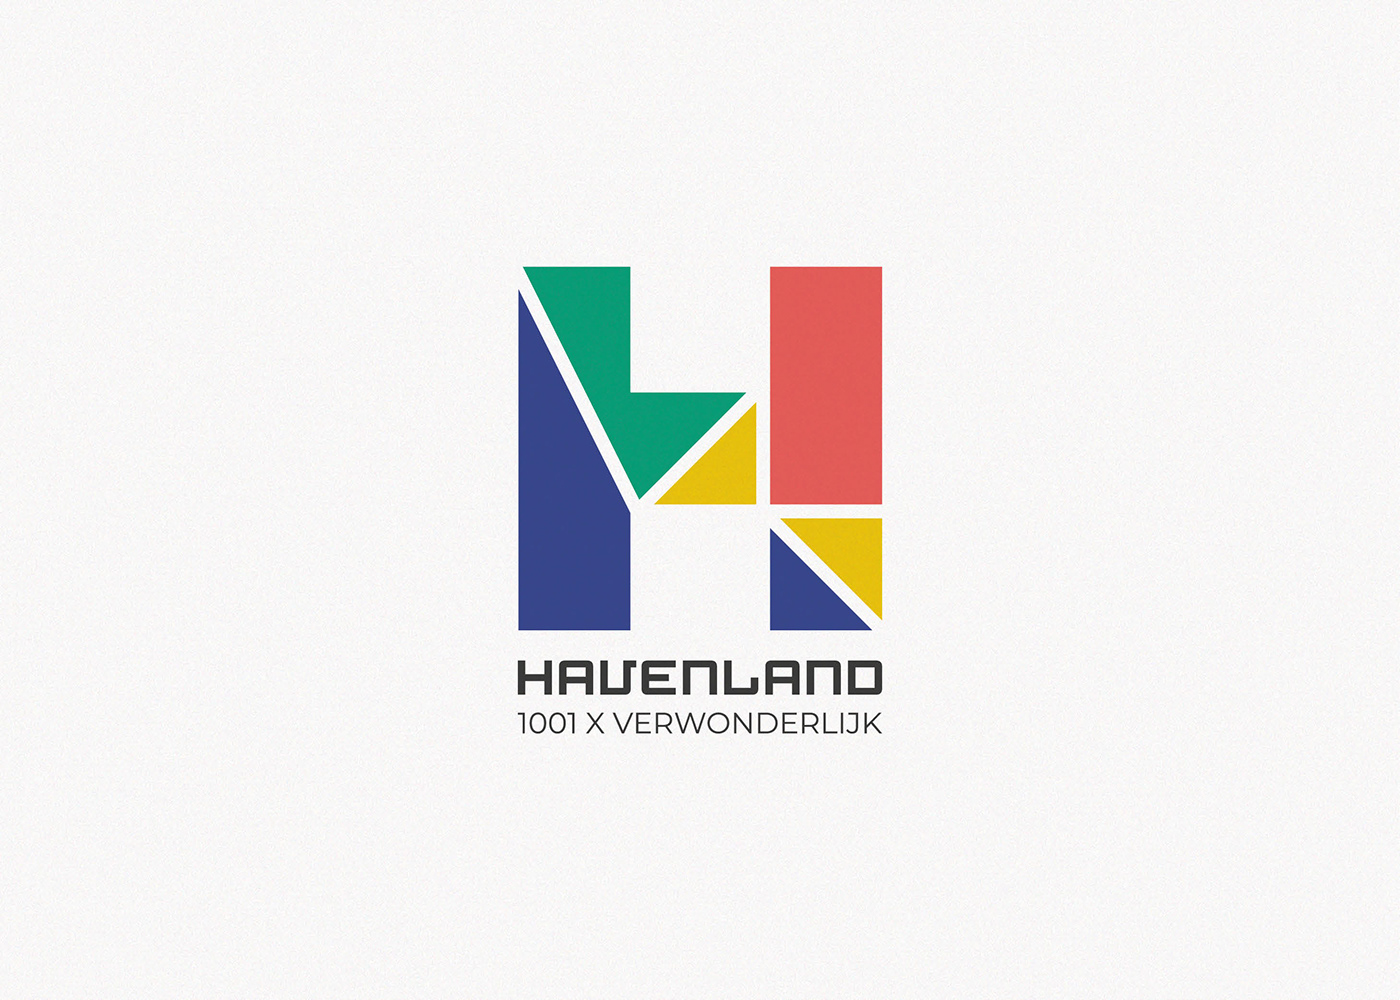 Image may contain: logo